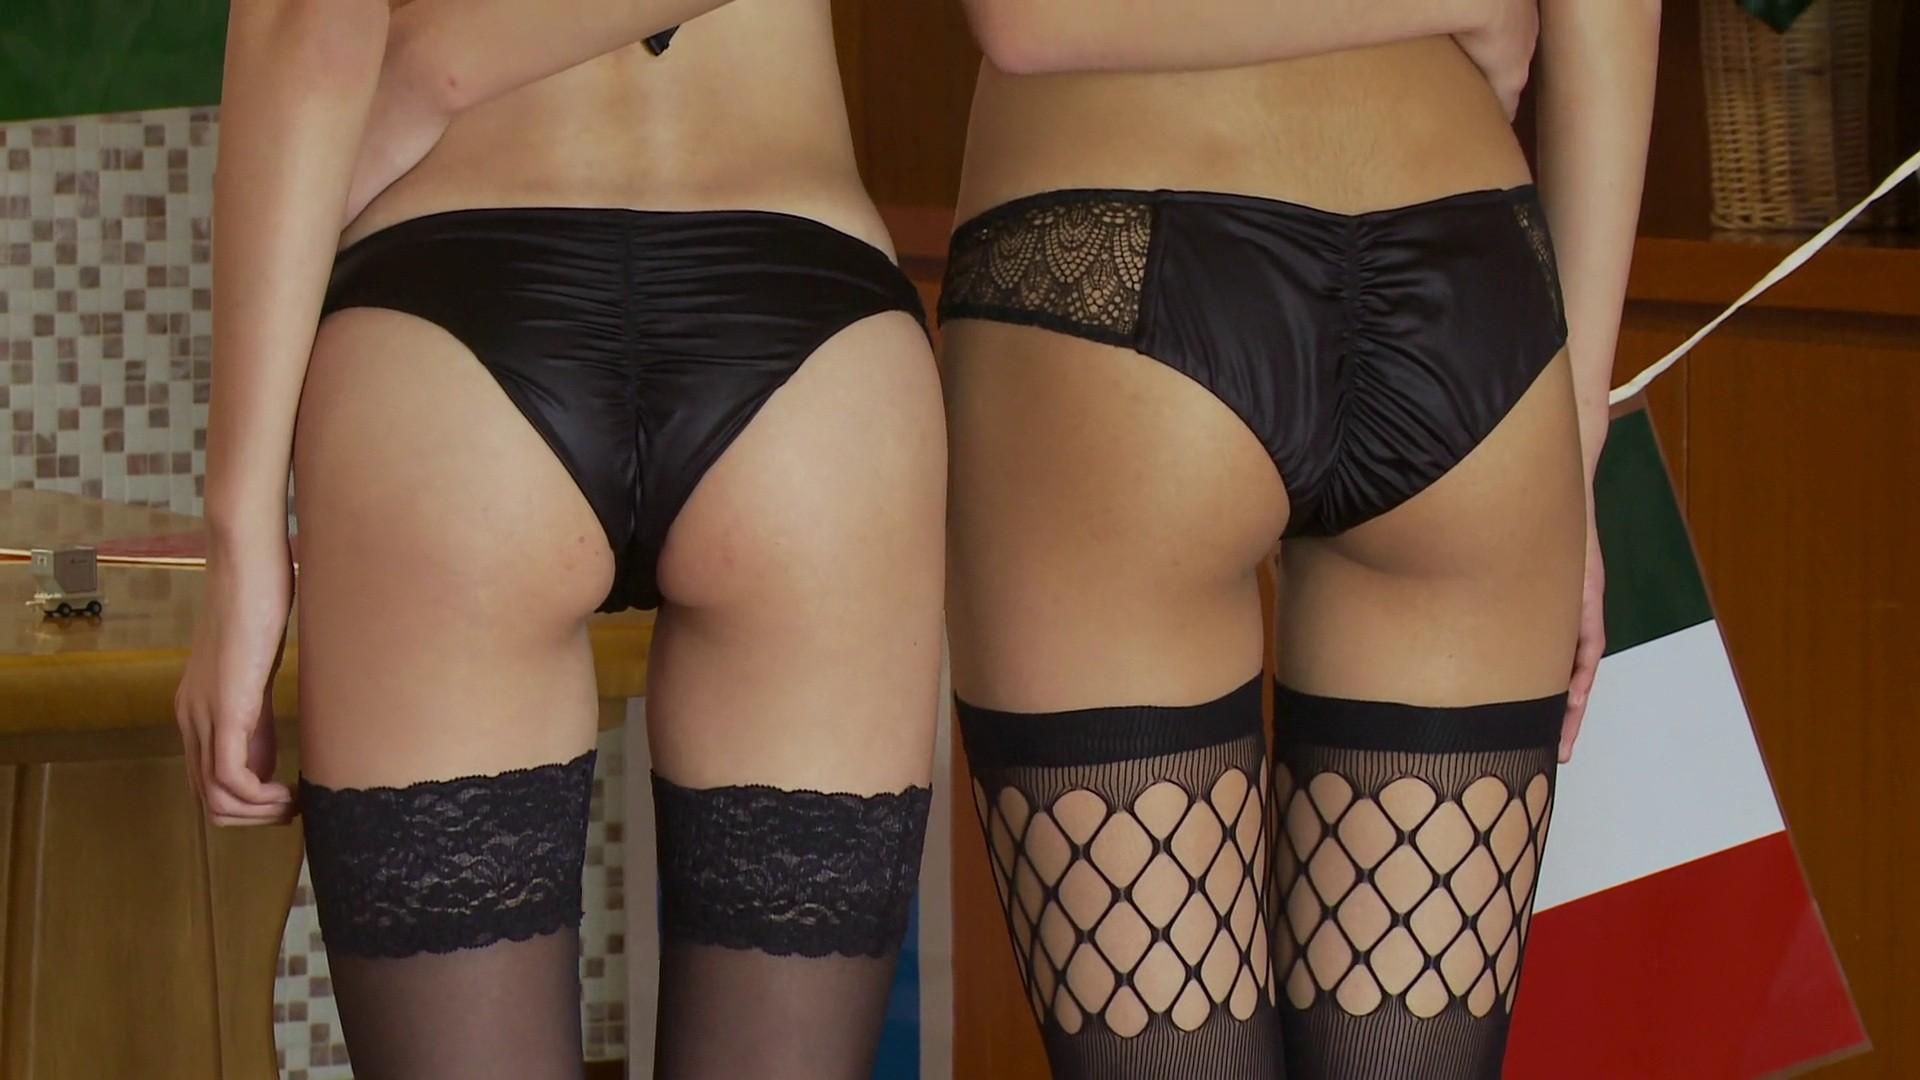 【下着エロ画像】堂々と見せて露骨なアピール!惹かれる女子のパンツ姿(*´Д`)